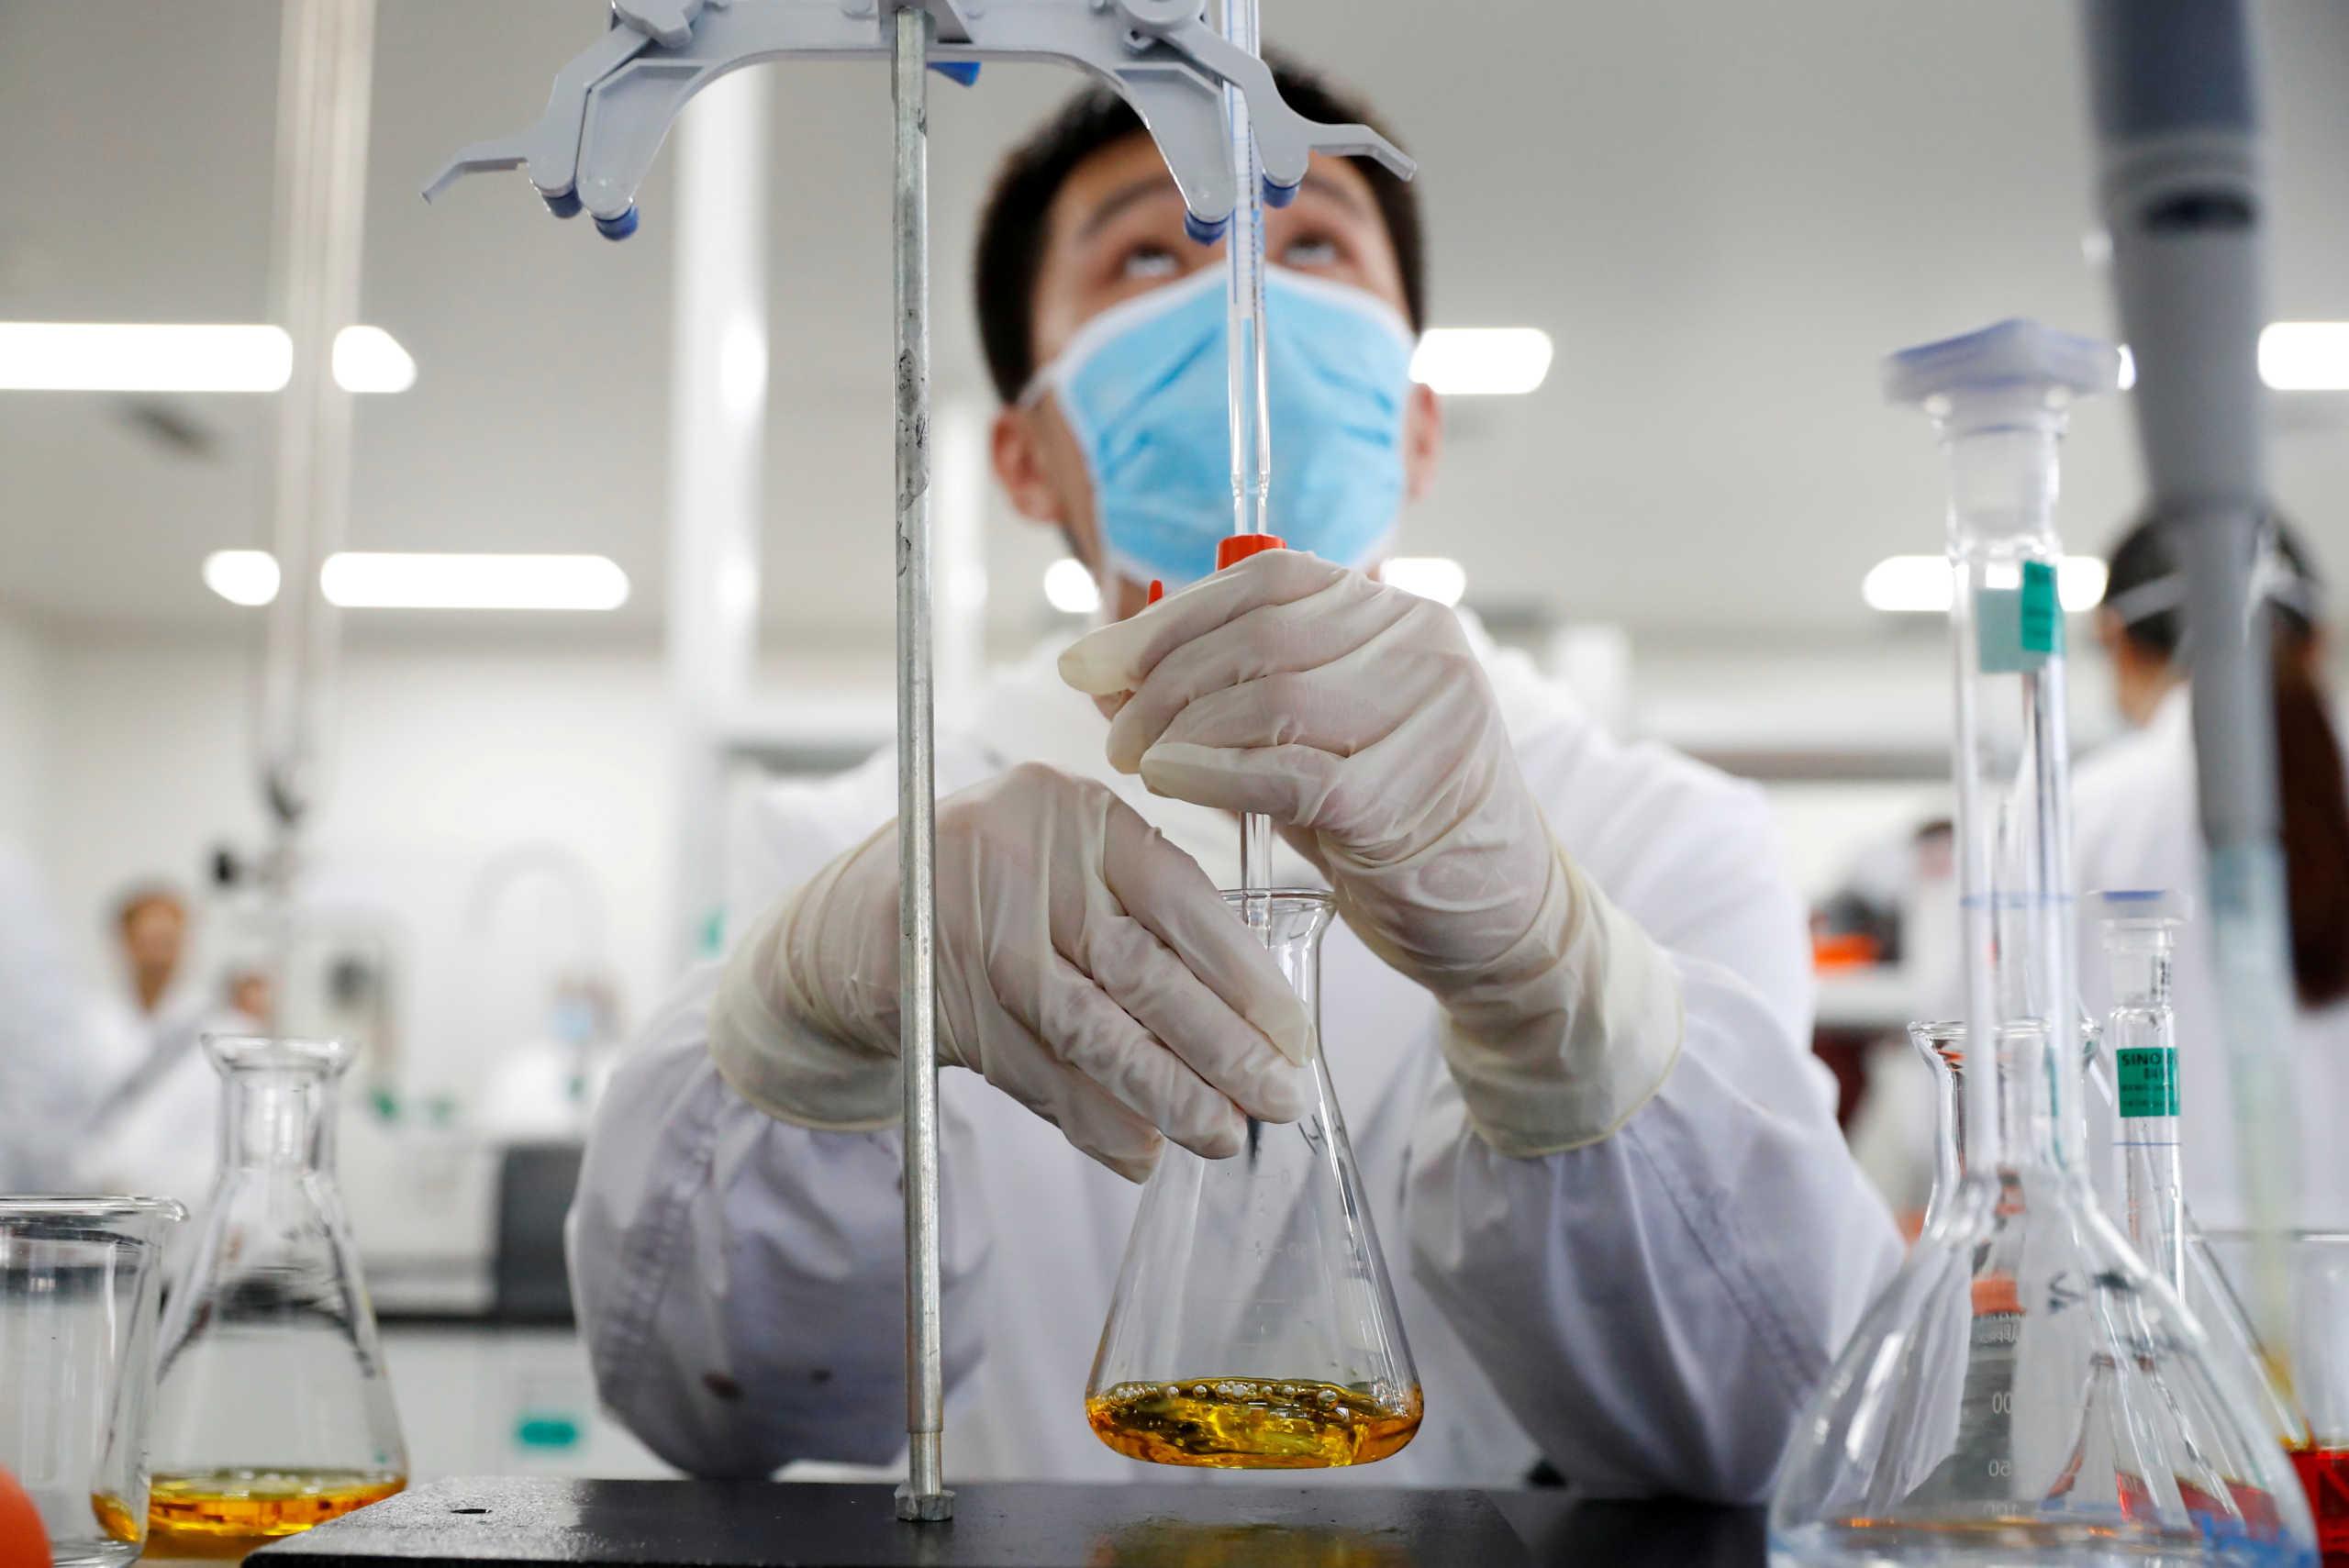 Κινέζος κορυφαίος λοιμωξιολόγος ερευνάται για λογοκλοπή γιατί… διαφώνησε με τον τρόπο διαχείρισης  της πανδημίας